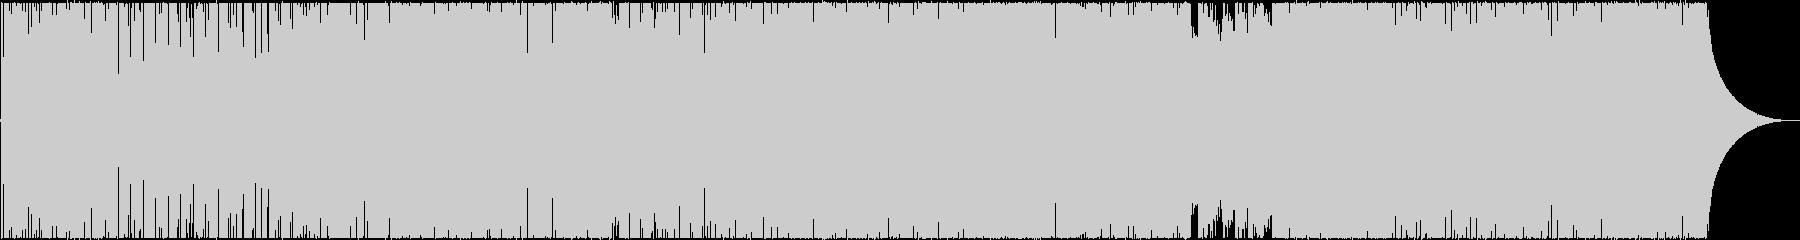 トロピカルで明るく元気なピアノポップスの未再生の波形